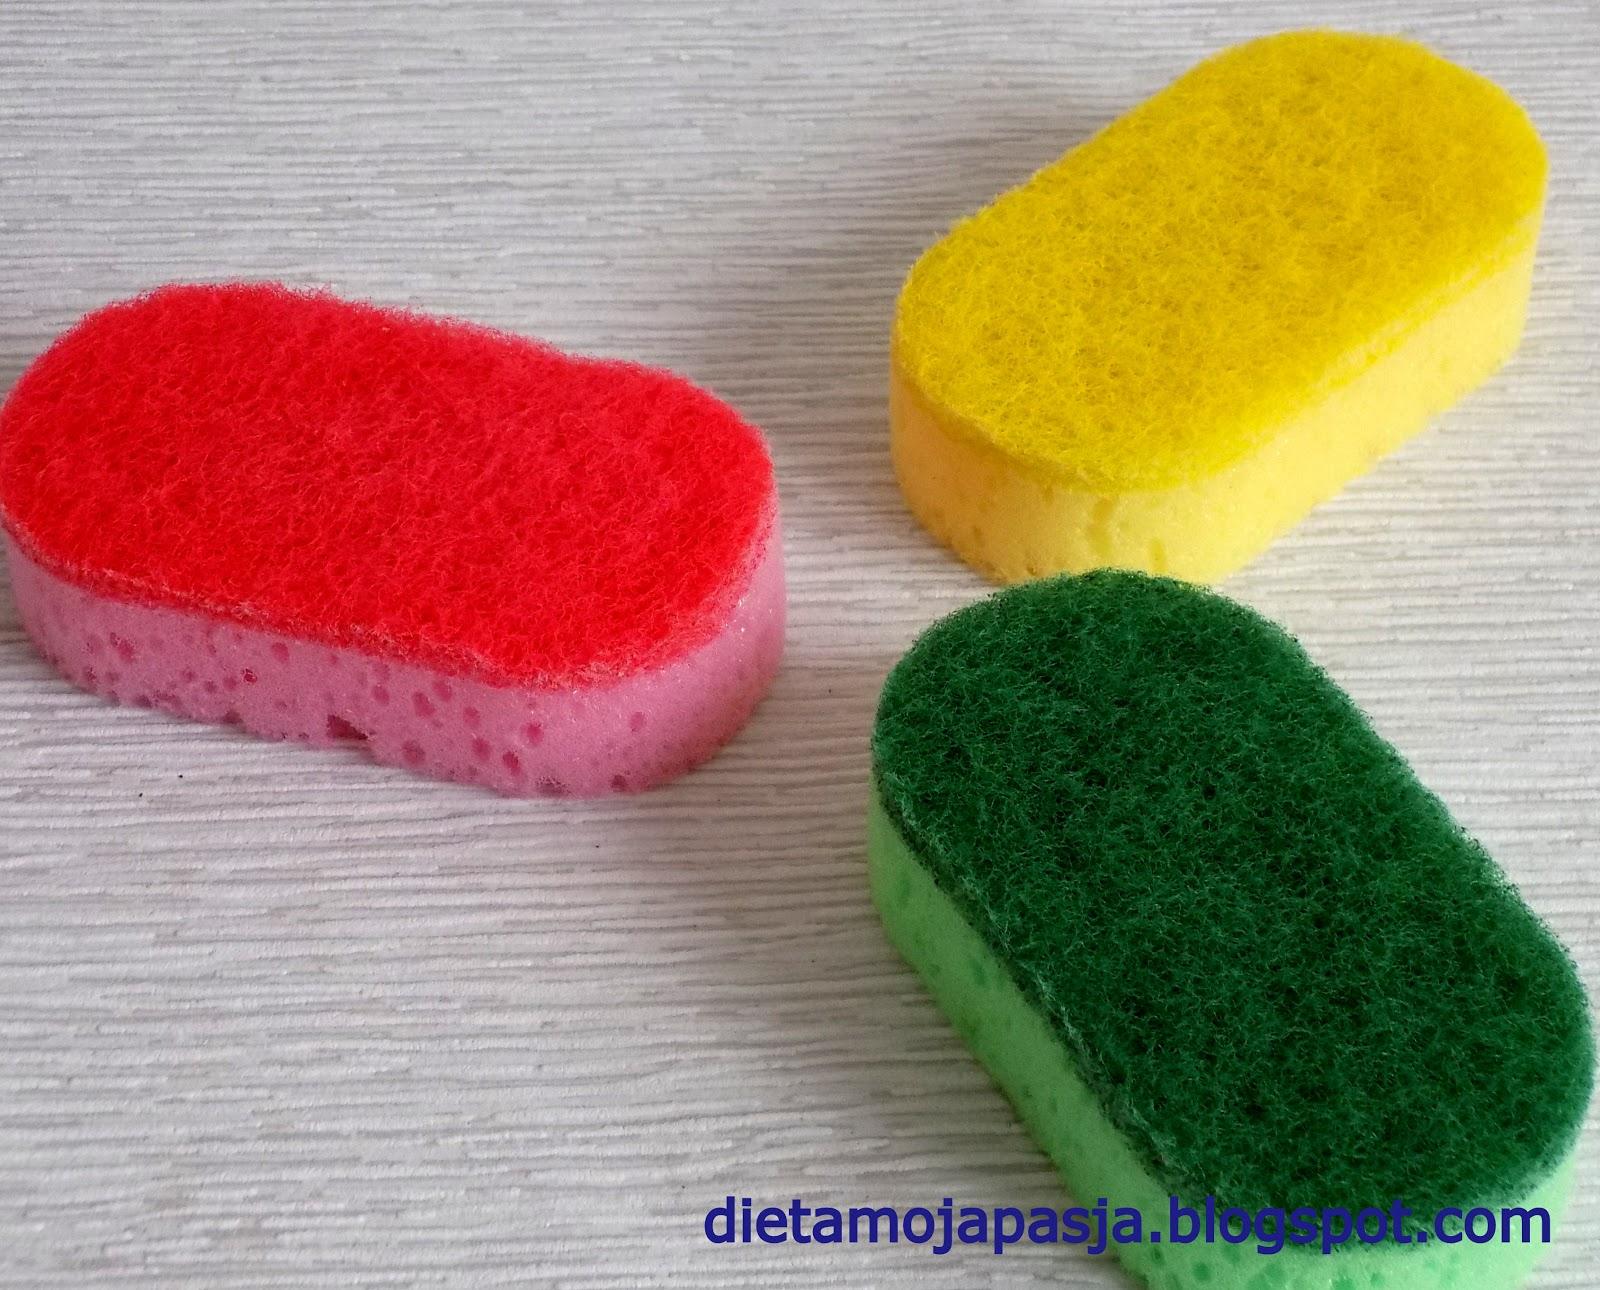 Gąbki do zmywania naczyń